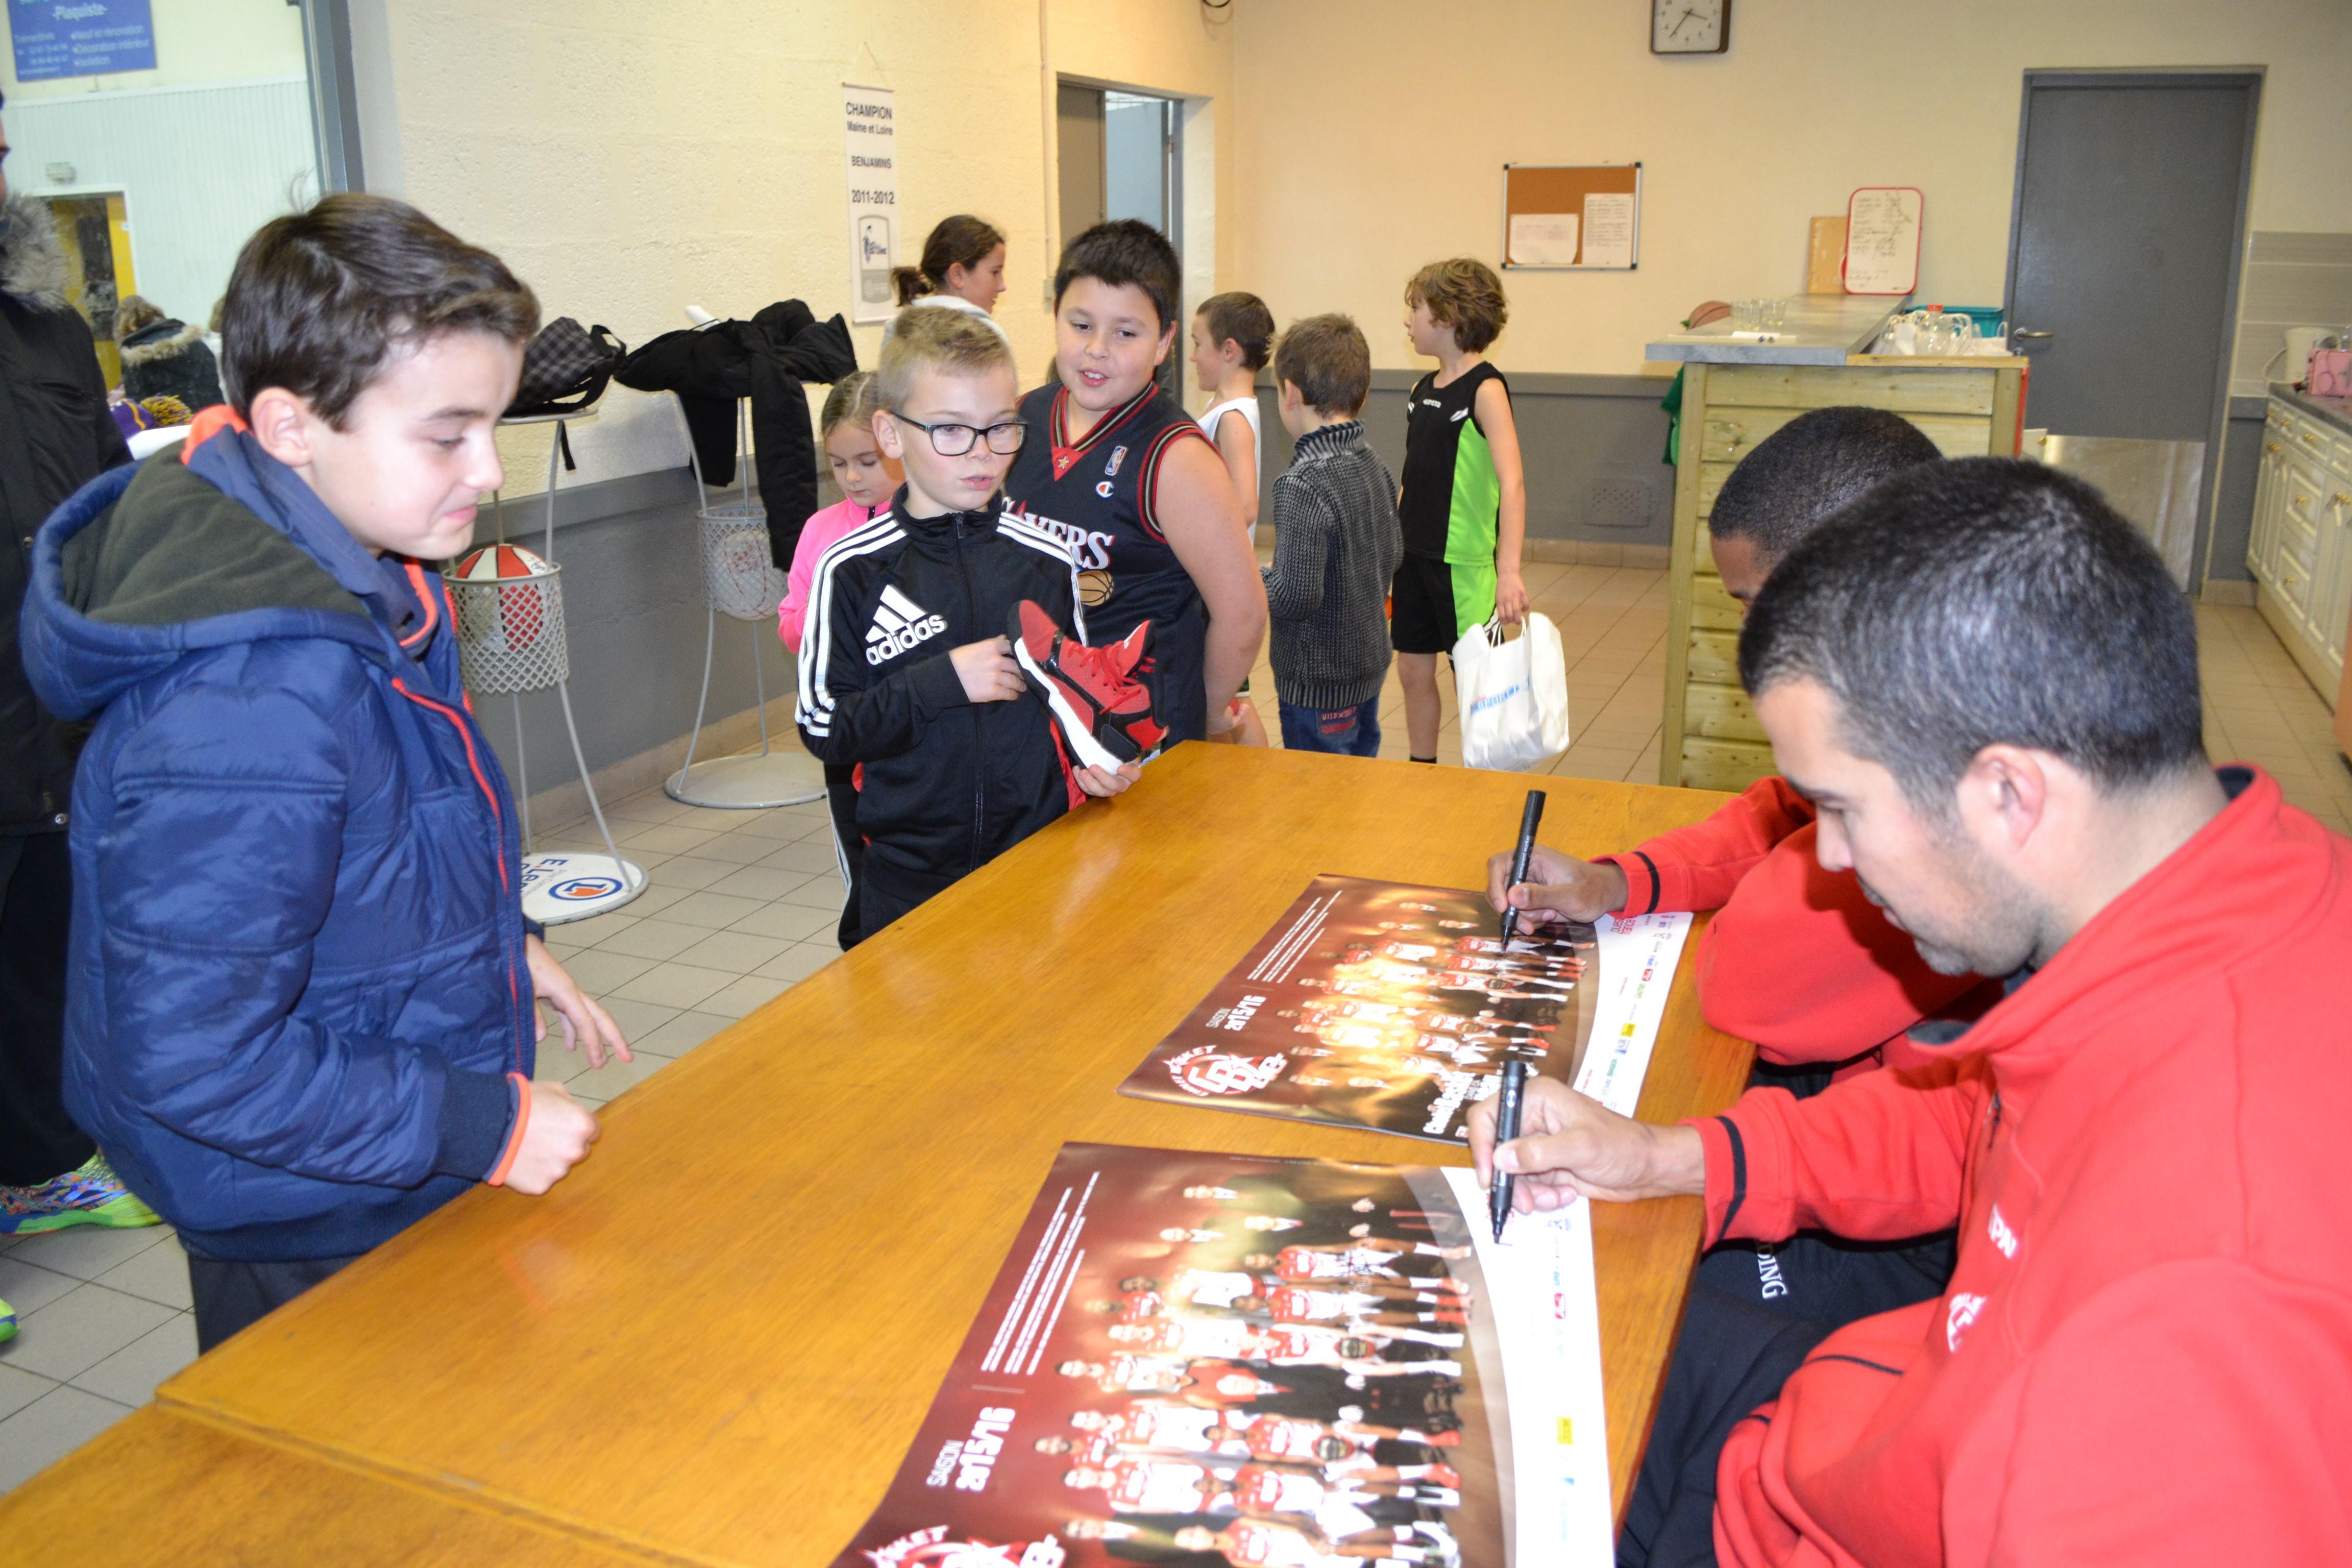 Anthony GOODS et Jérôme NAVIER à l'entraînement spécial Kinder de Trémentines le 18/12/15.